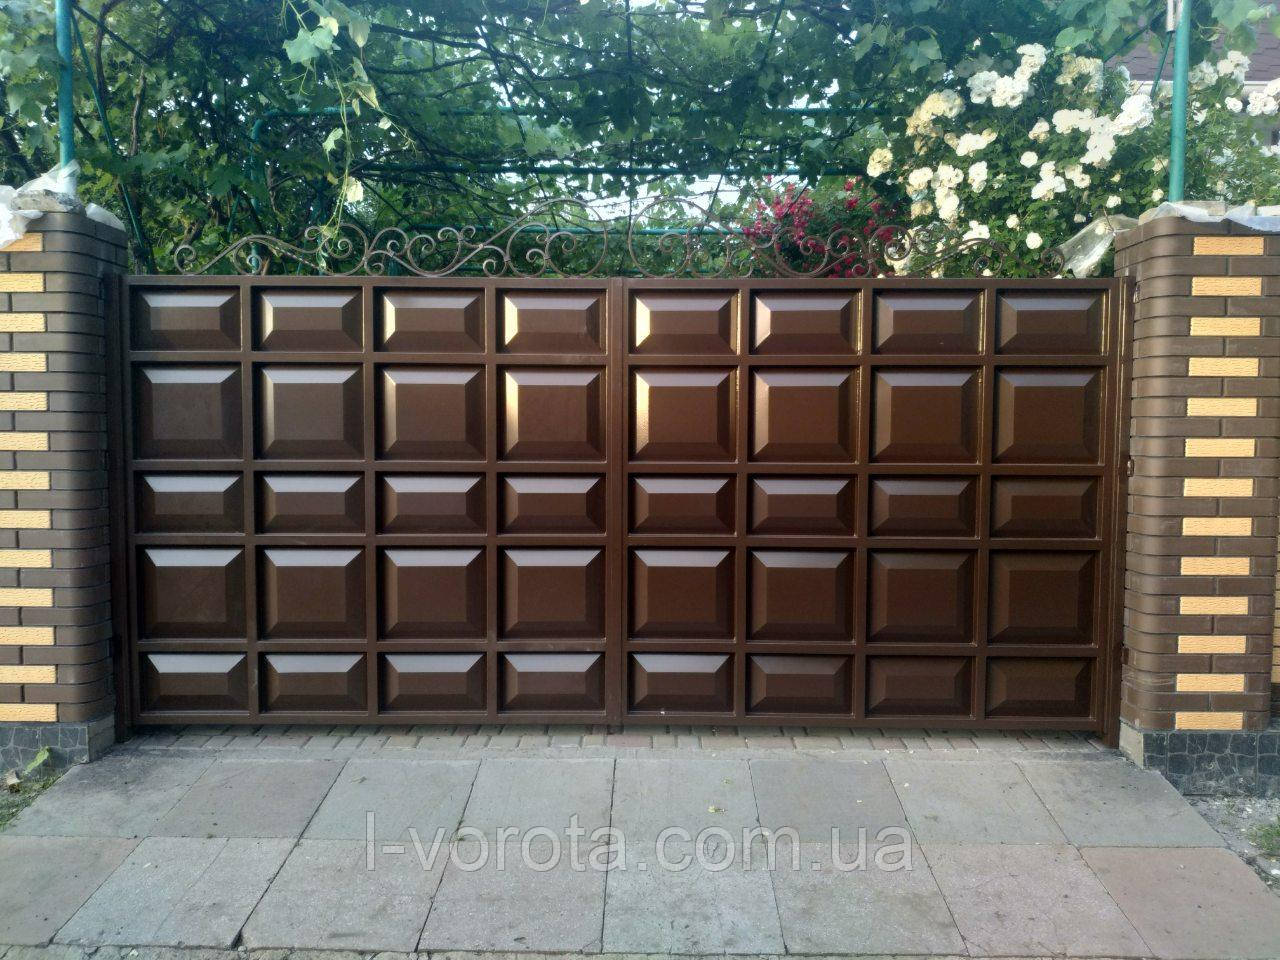 Ворота распашные ш4000, в2000 (дизайн шоколадка, филенка узкое поле)